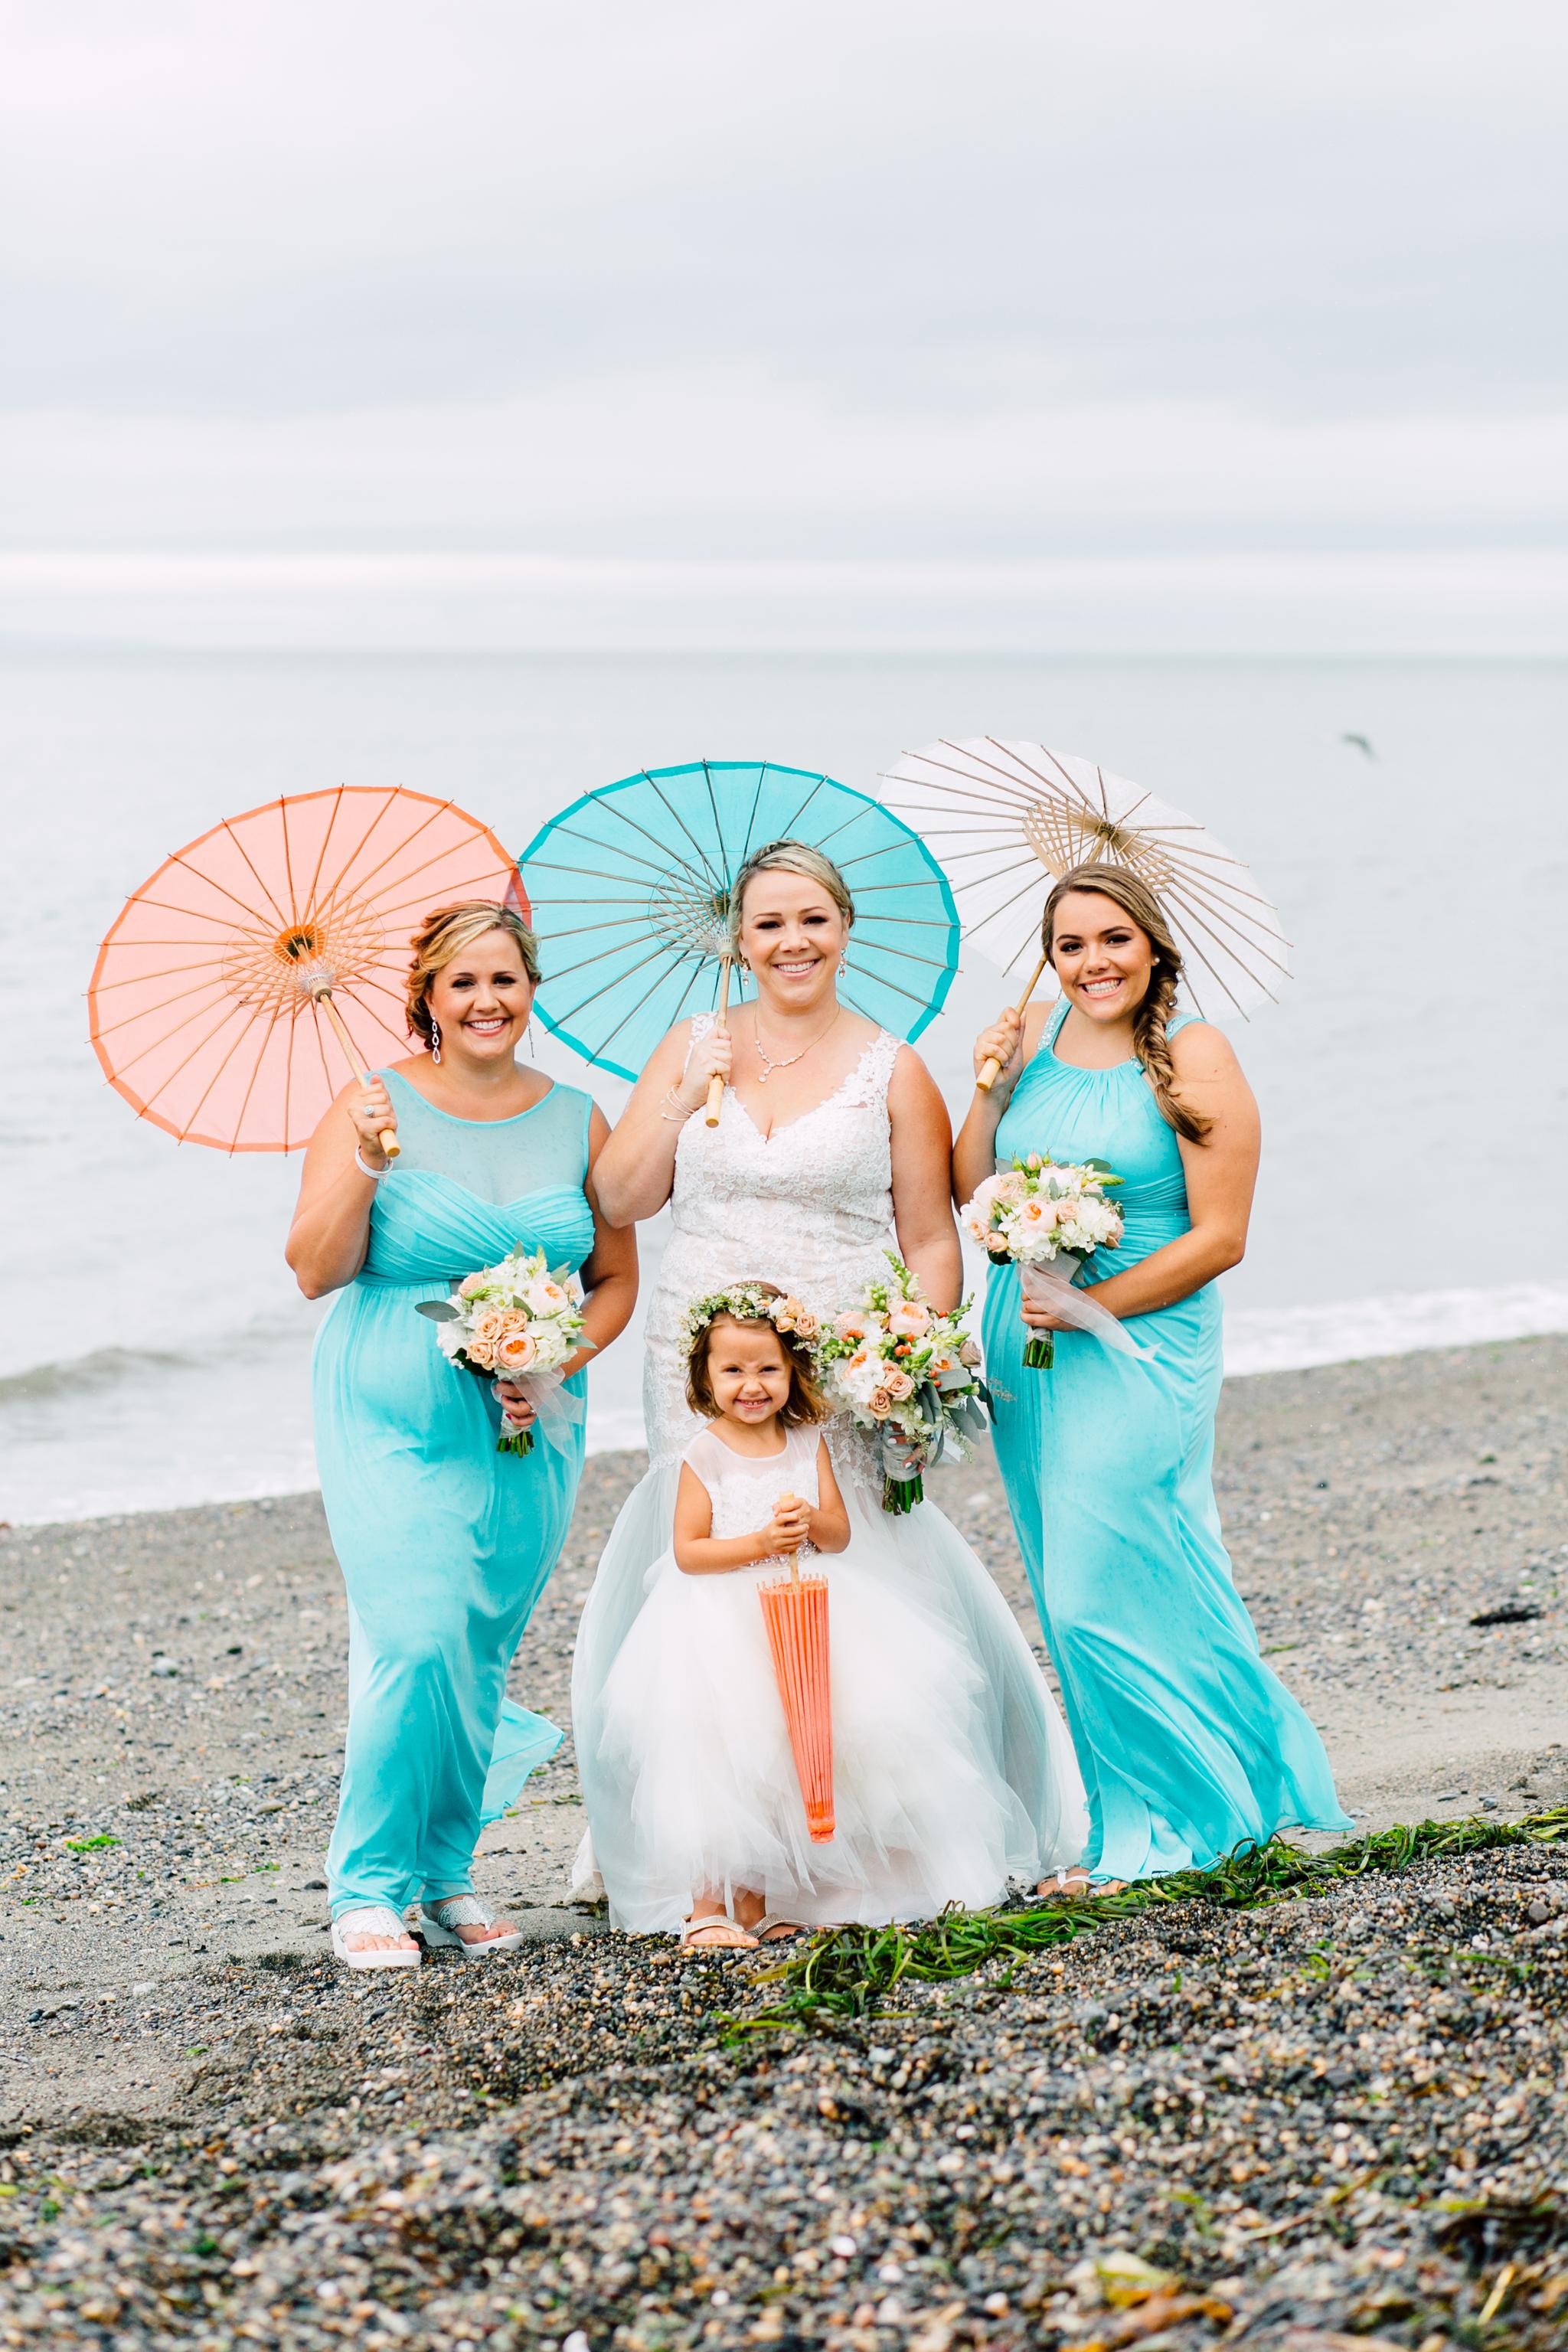 039-bellingham-wedding-photographer-beach-katheryn-moran-elisa-phillip.jpg